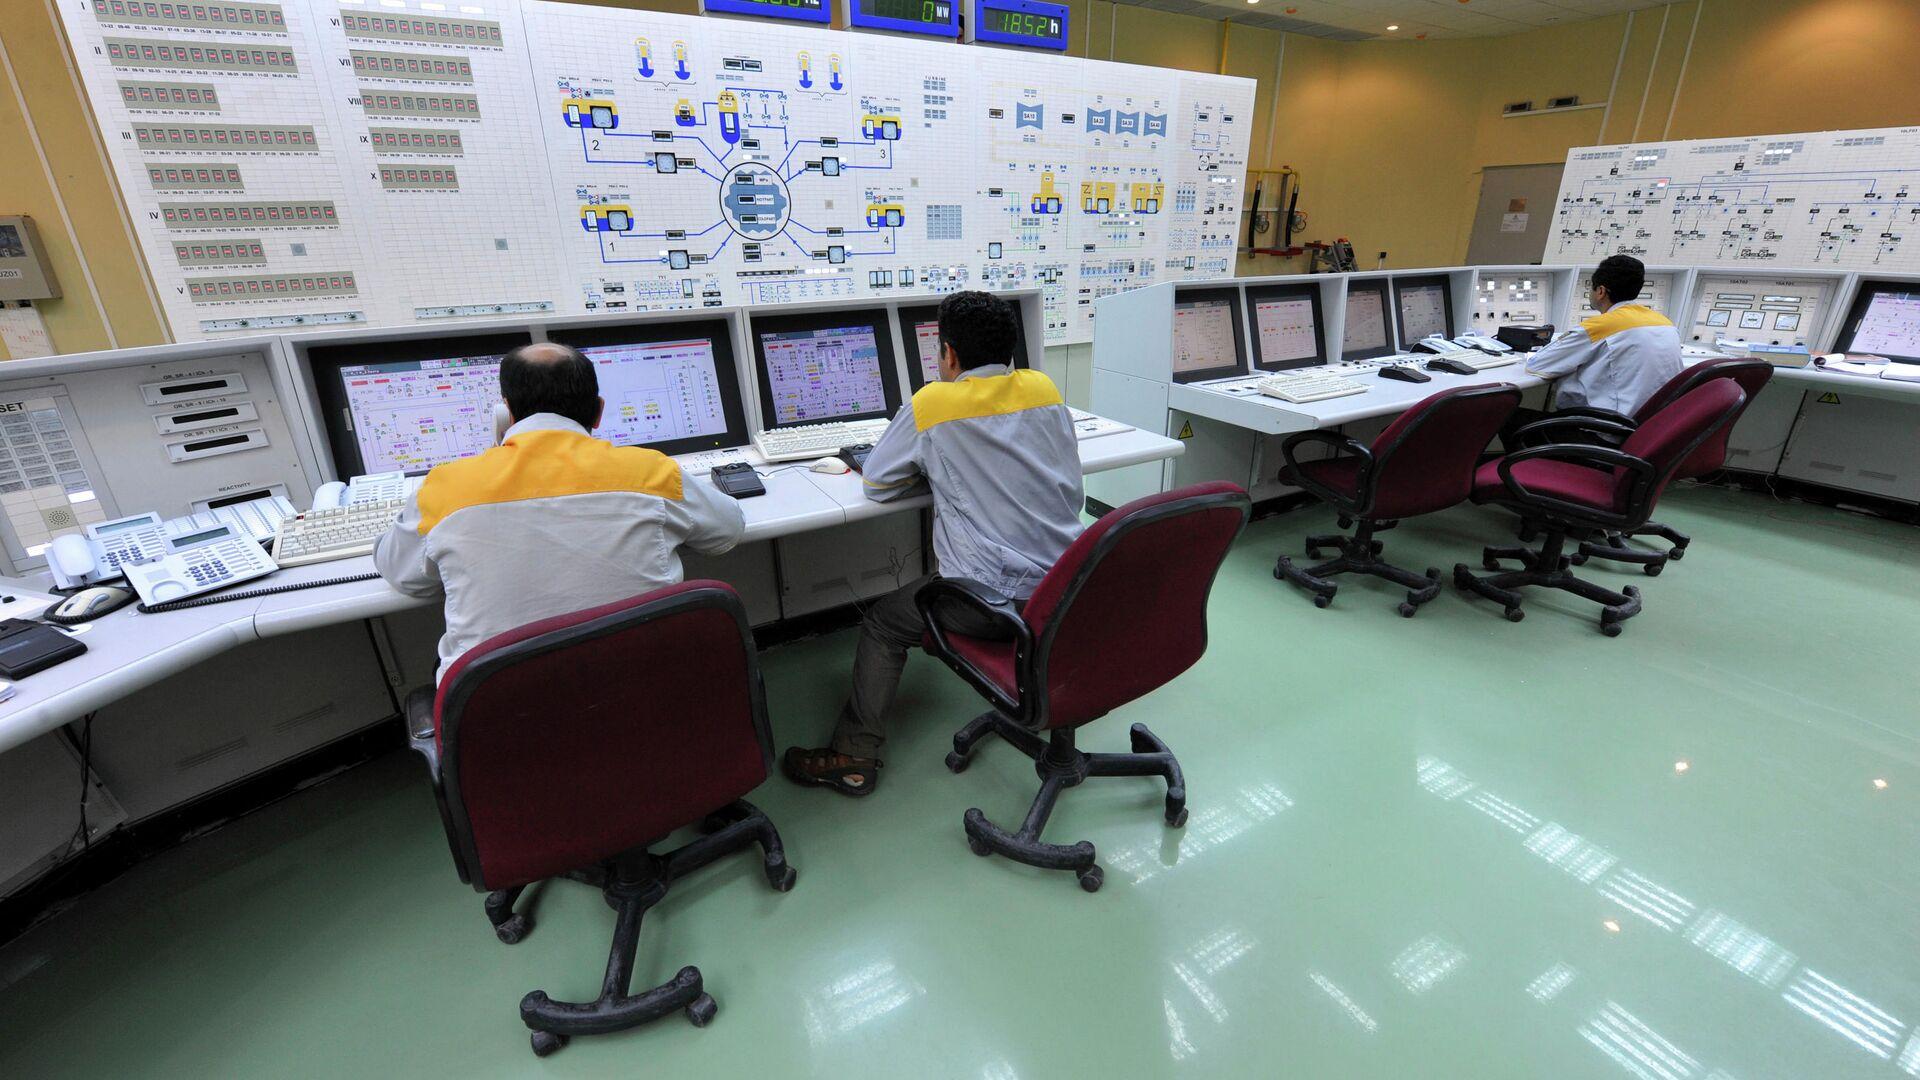 Иранские специалисты работают на АЭС Бушер - РИА Новости, 1920, 06.02.2021